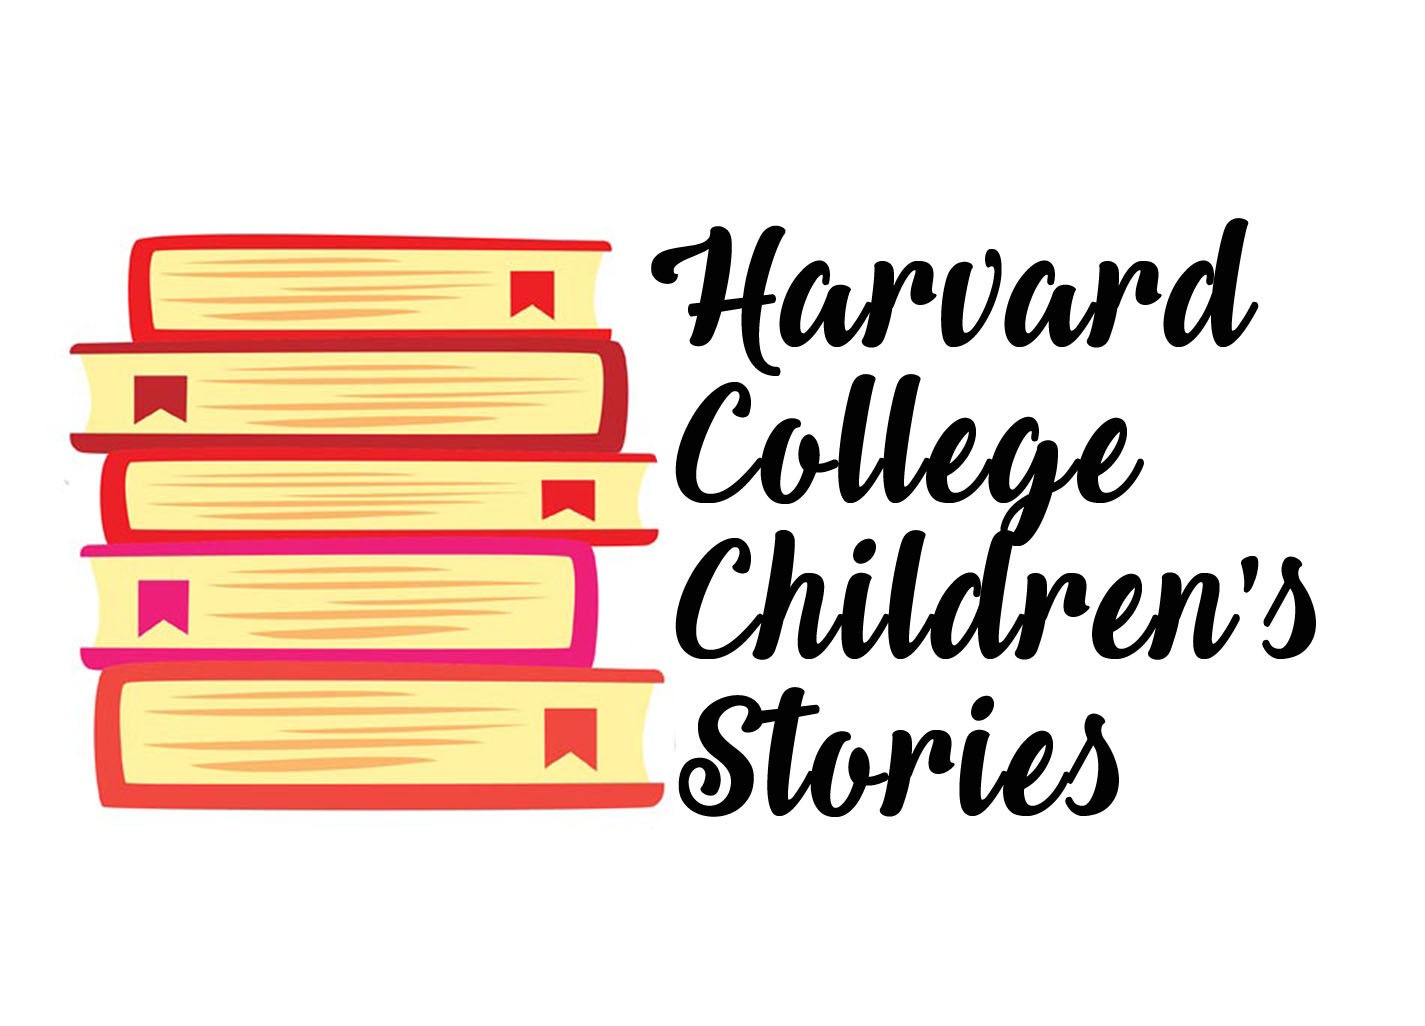 Harvard College Children's Stories